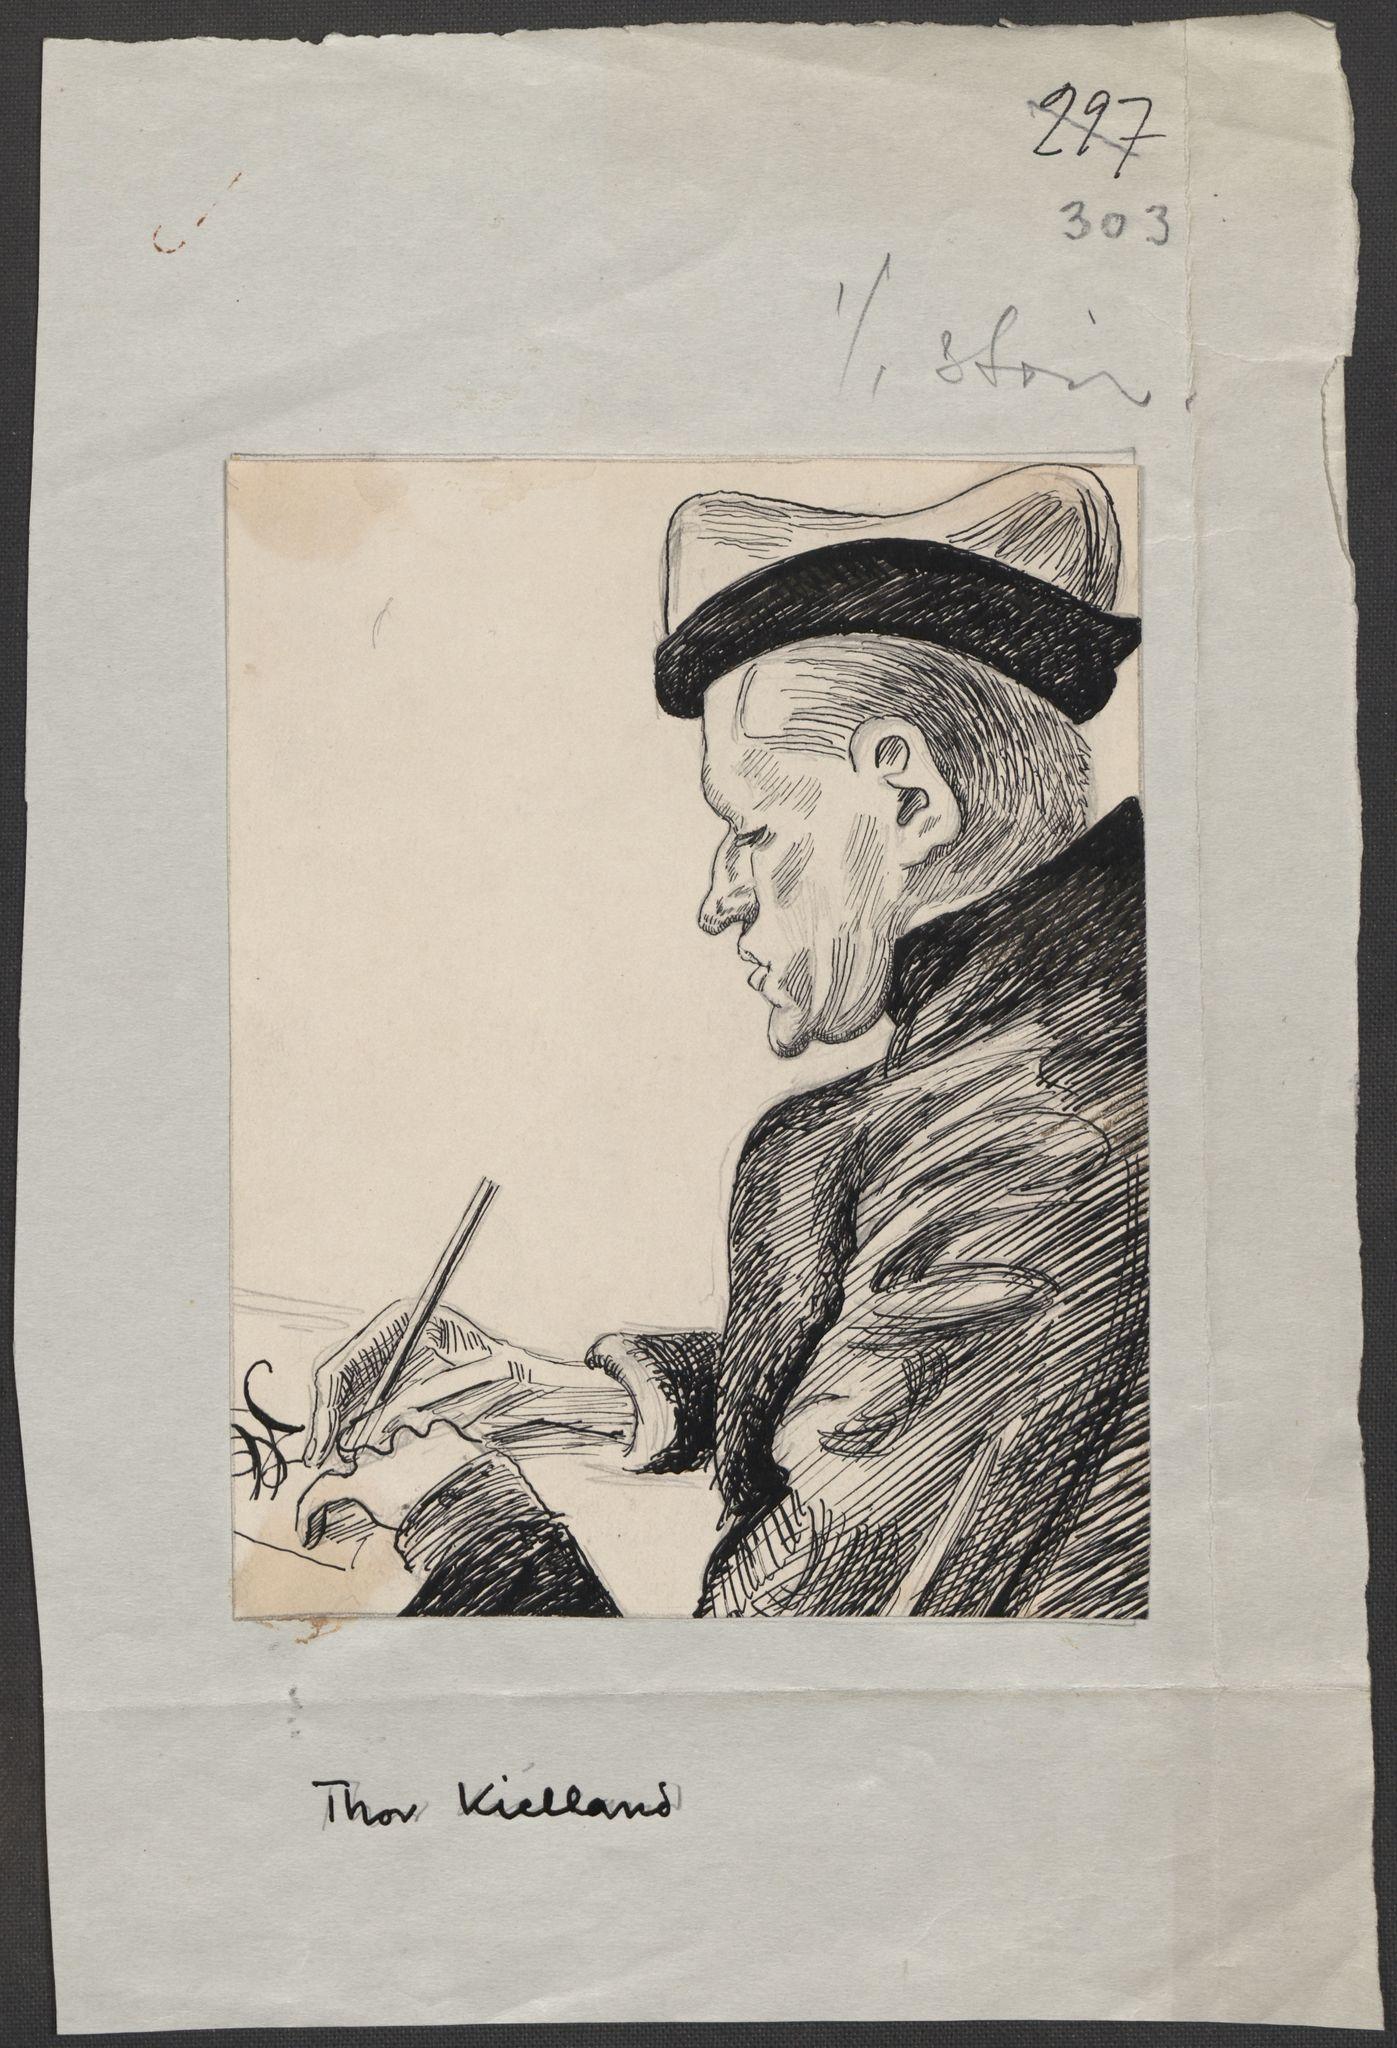 RA, Grøgaard, Joachim, F/L0002: Tegninger og tekster, 1942-1945, s. 79